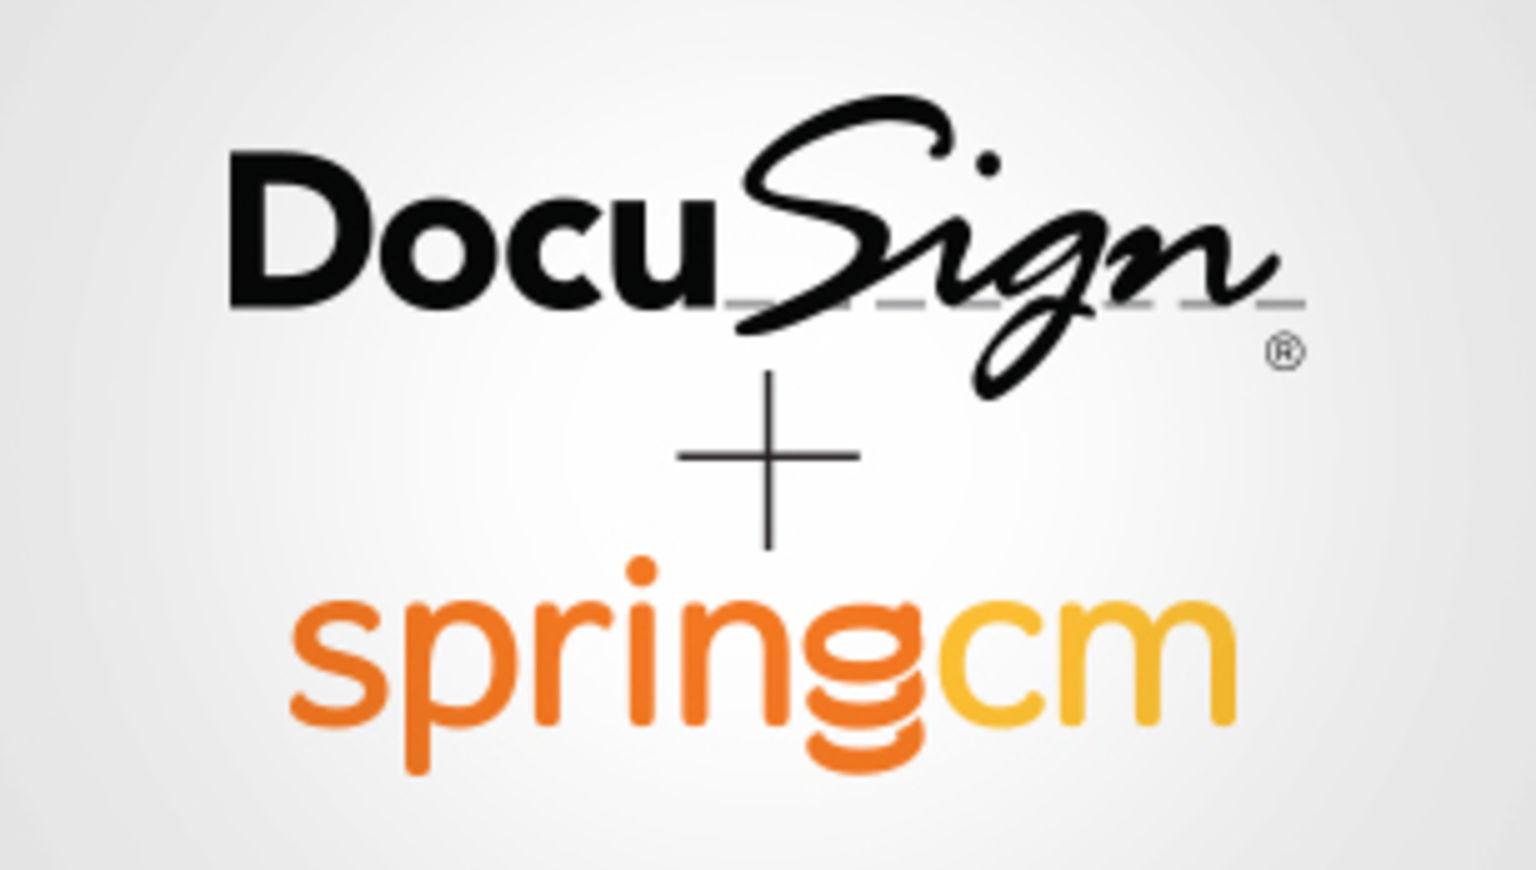 DocuSign to acquire SpringCM